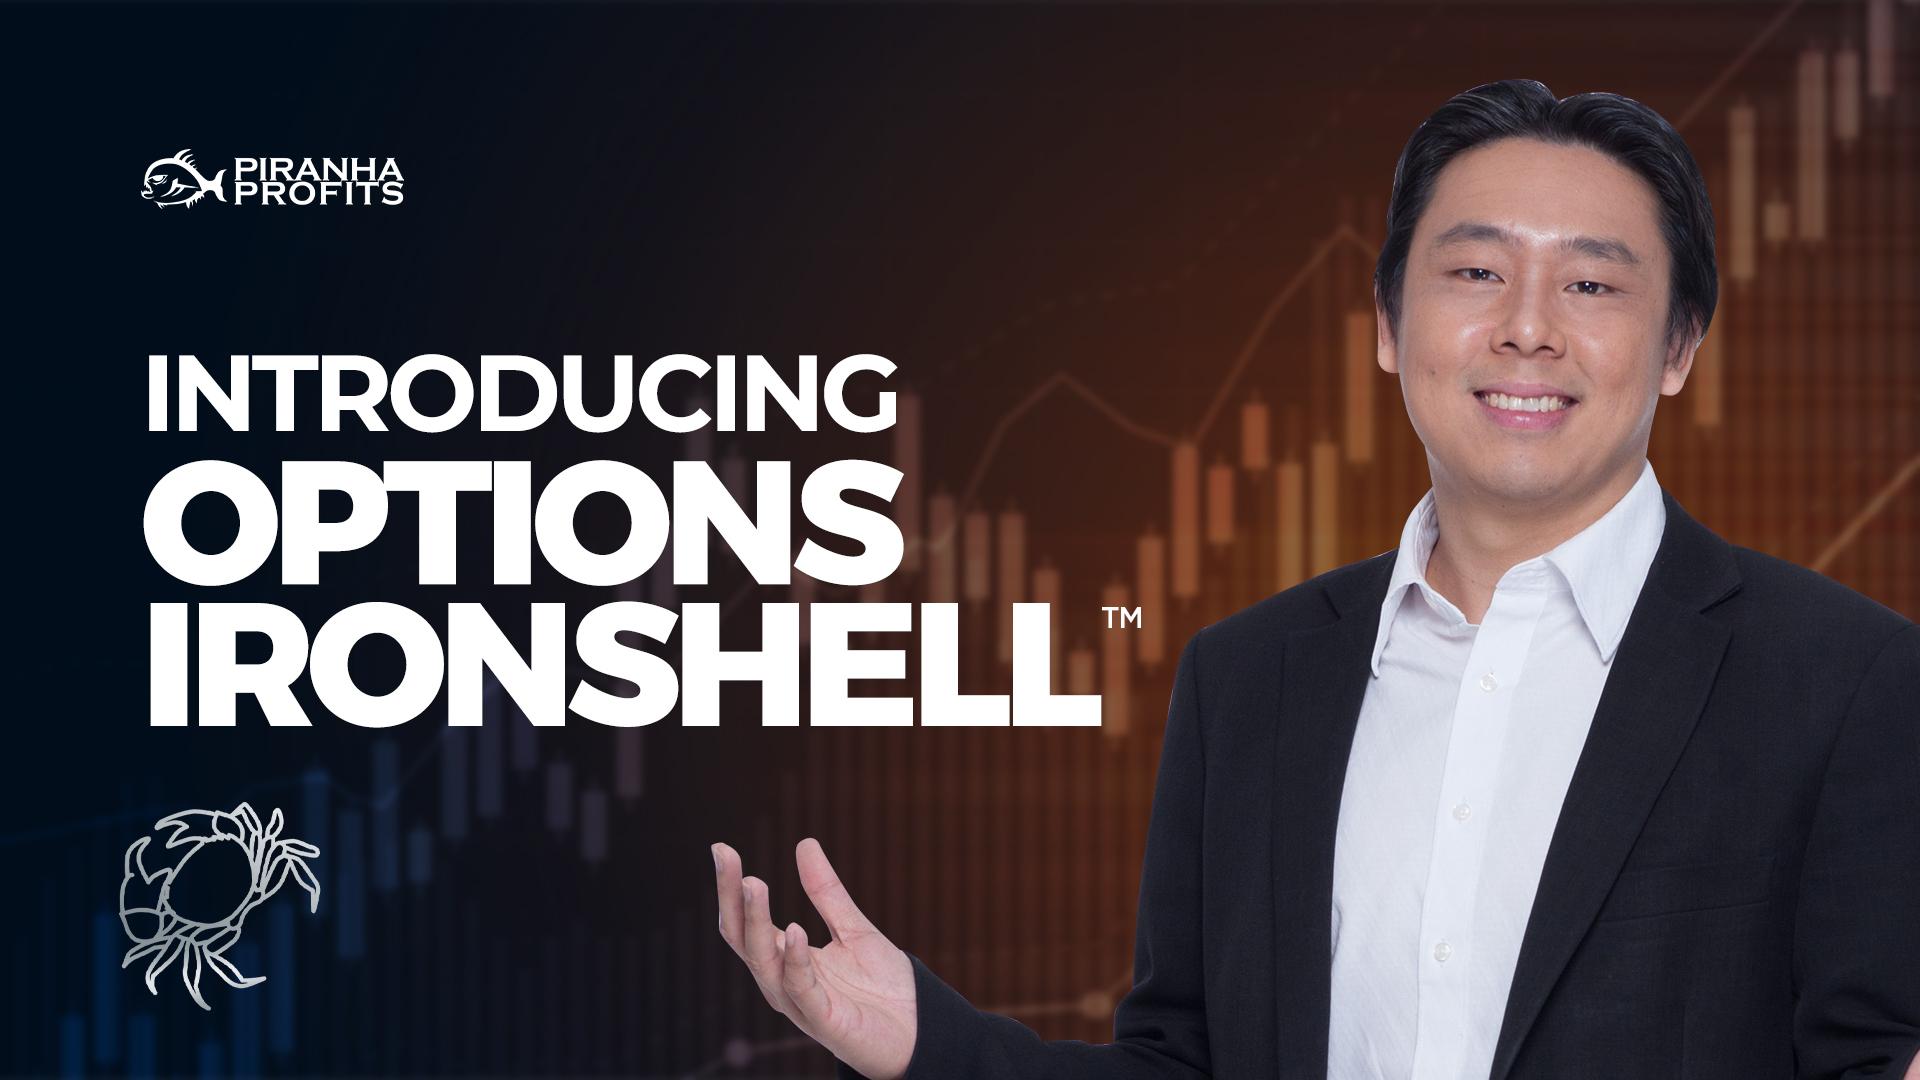 Options Ironshell for PP Website